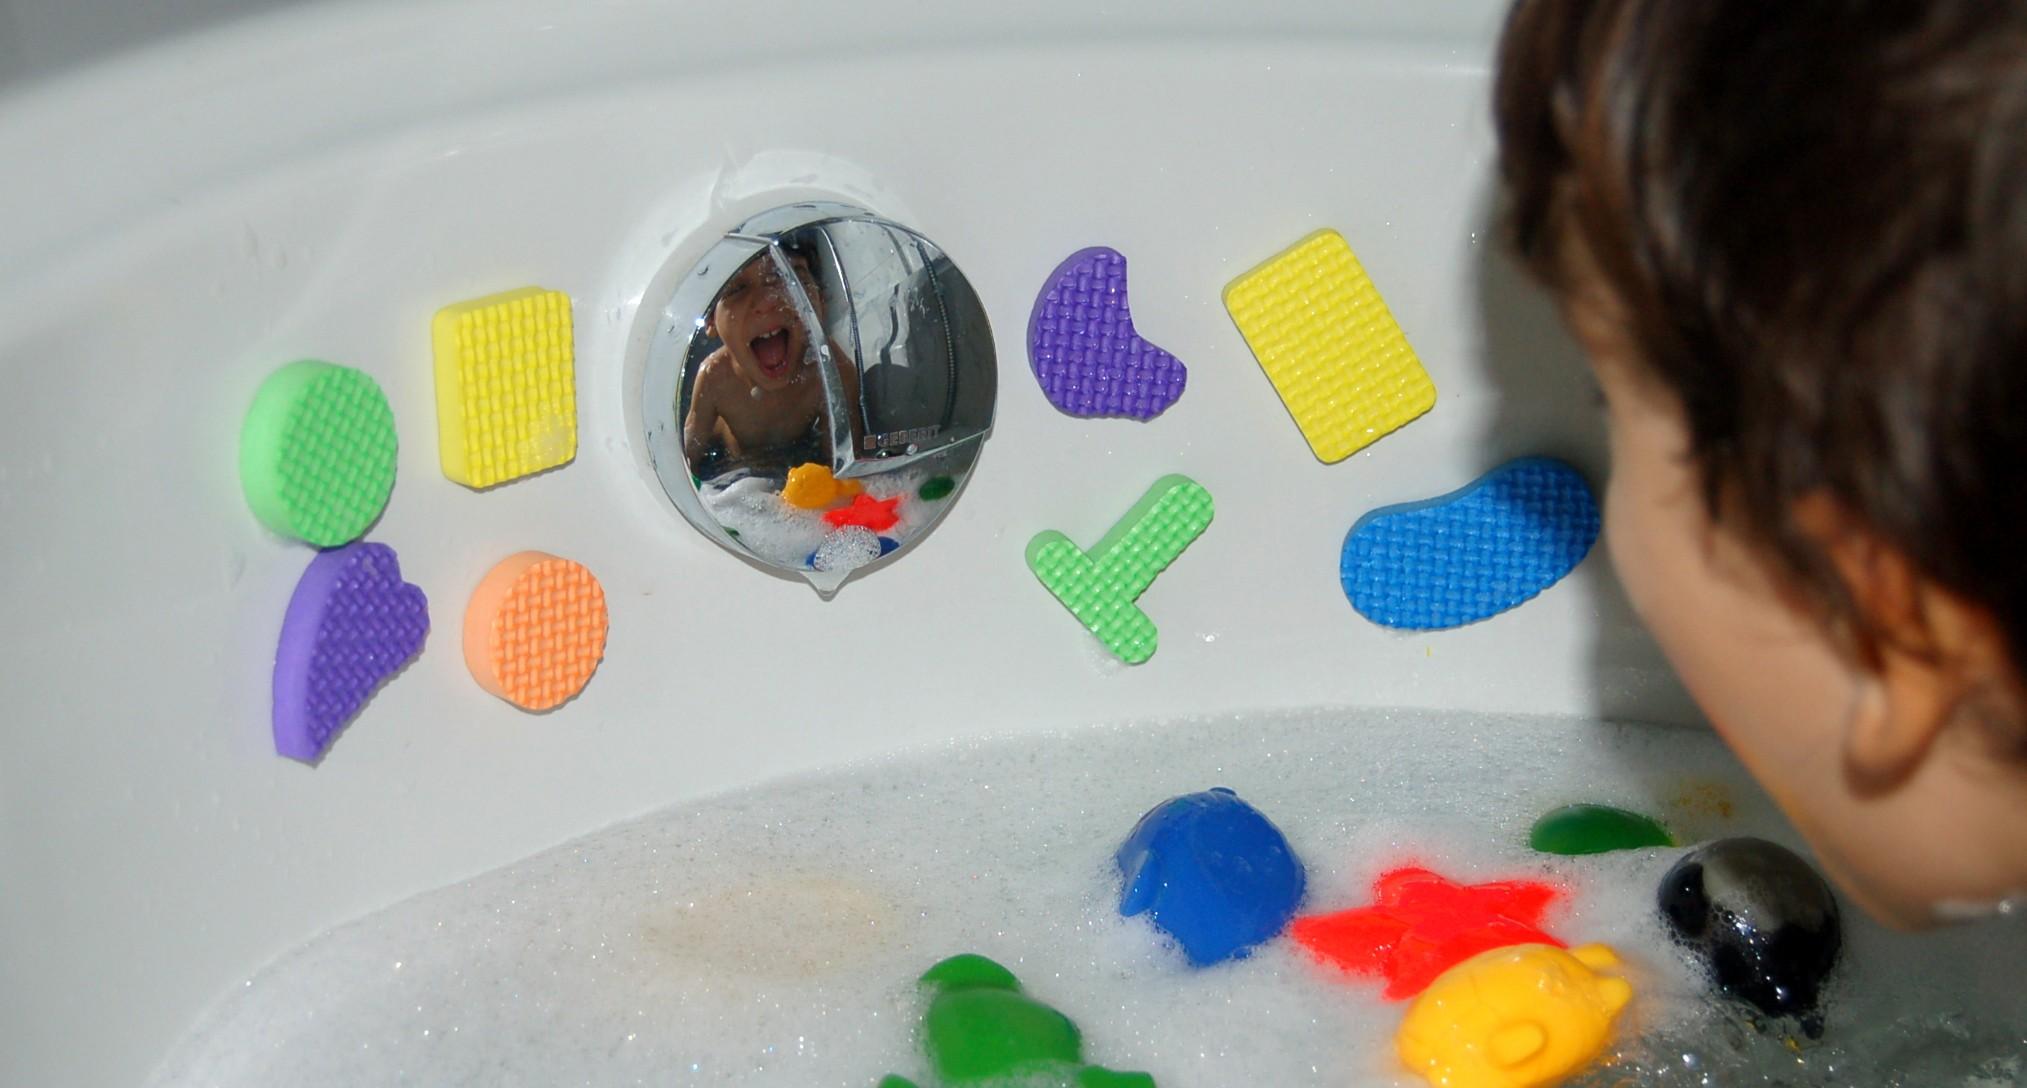 Vasca Da Bagno Bimbi : Giochi fai da te da bagnetto le costruzioni magiche homemademamma